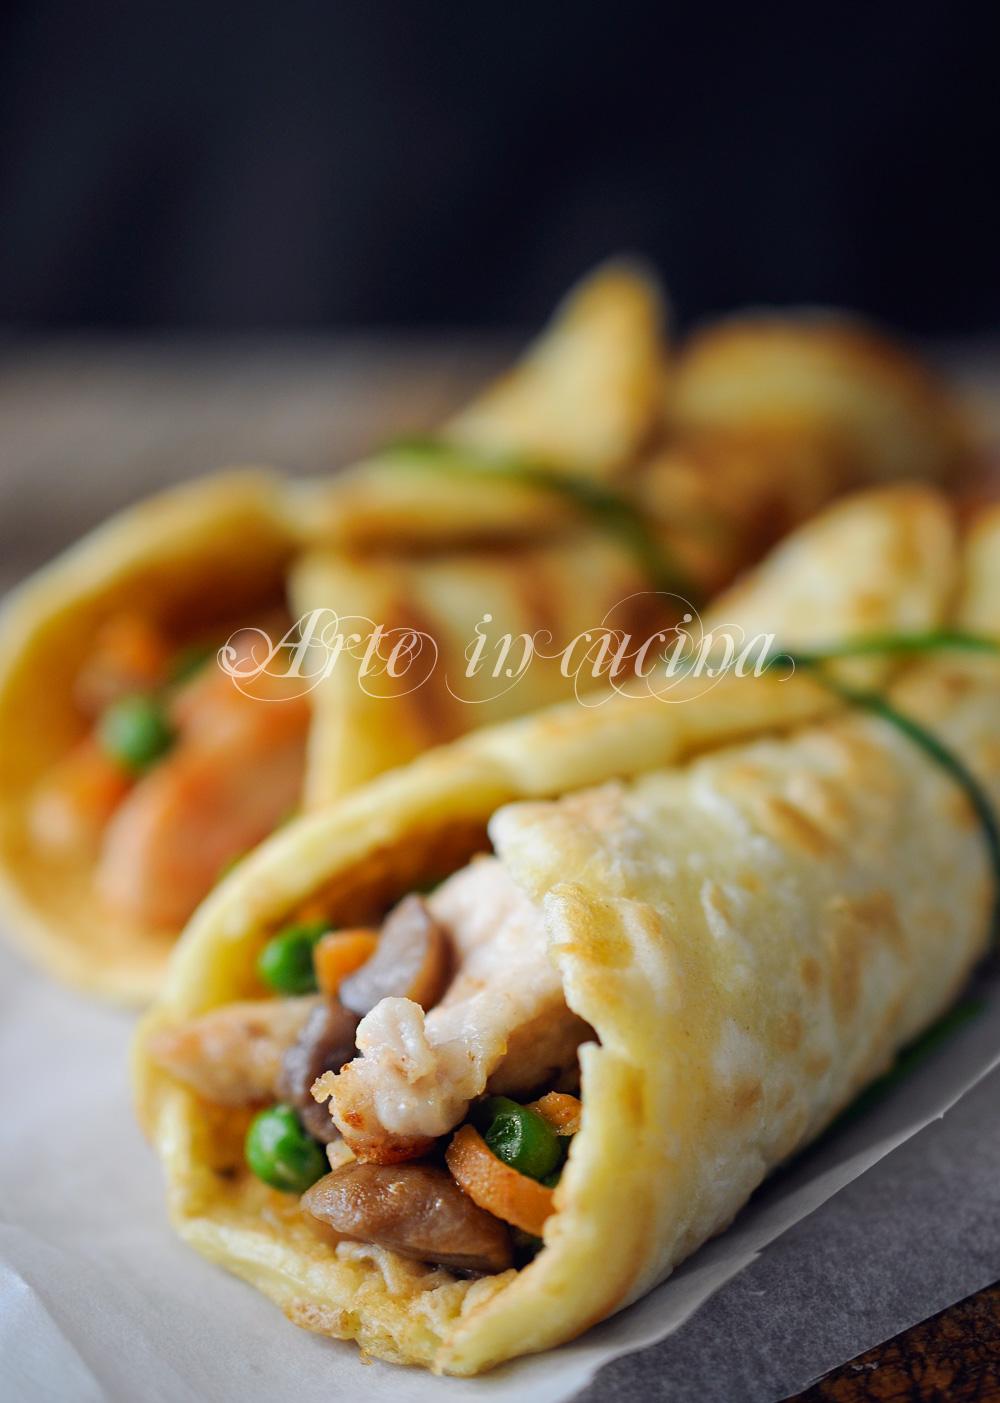 Rotolini con carne e verdure ricetta economica vickyart arte in cucina